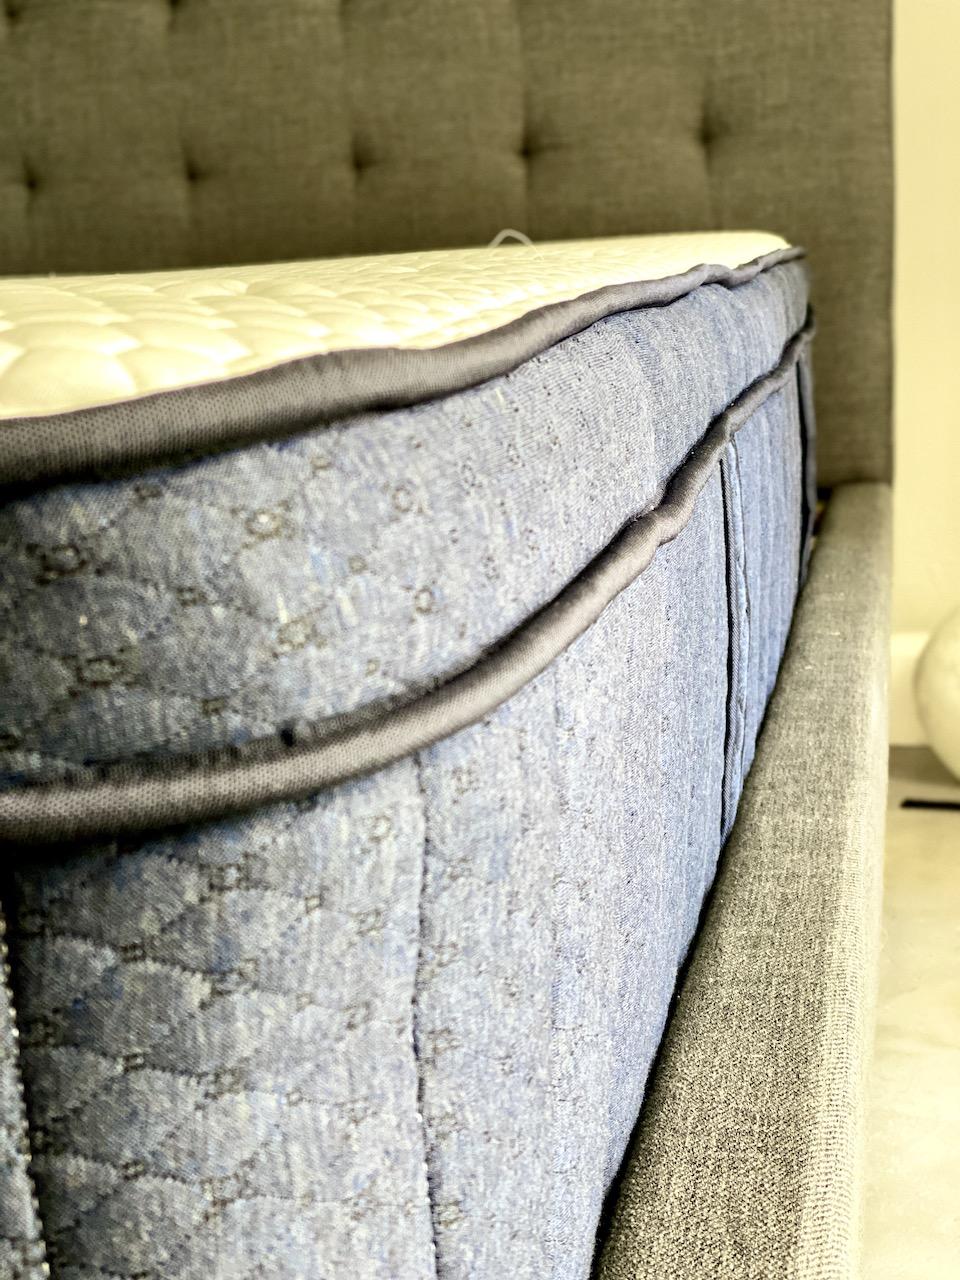 Best hybrid mattress by Brooklyn bedding